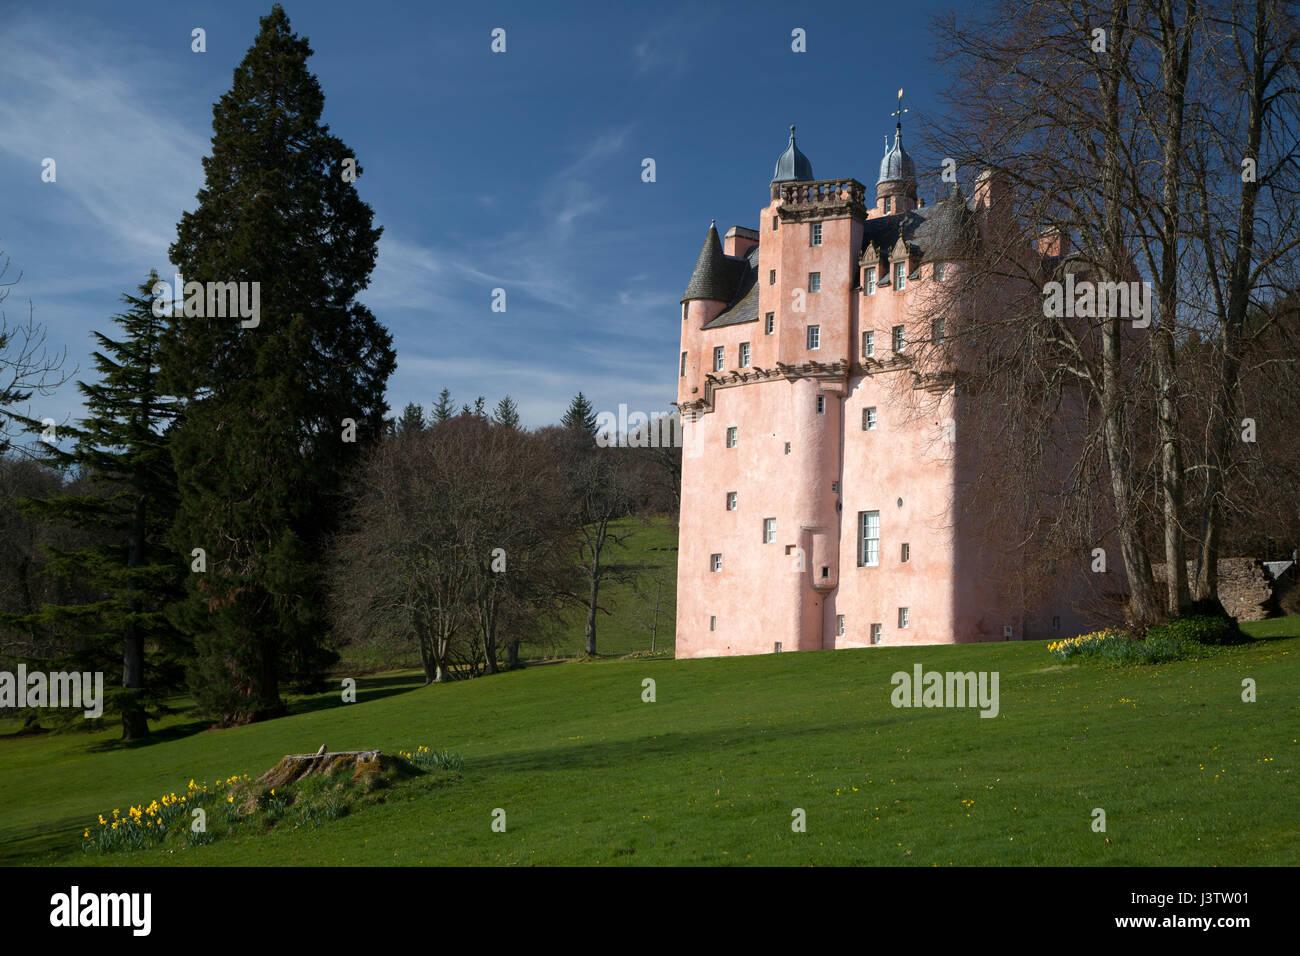 Craigievar Castle in Aberdeenshire, Scotland - Stock Image